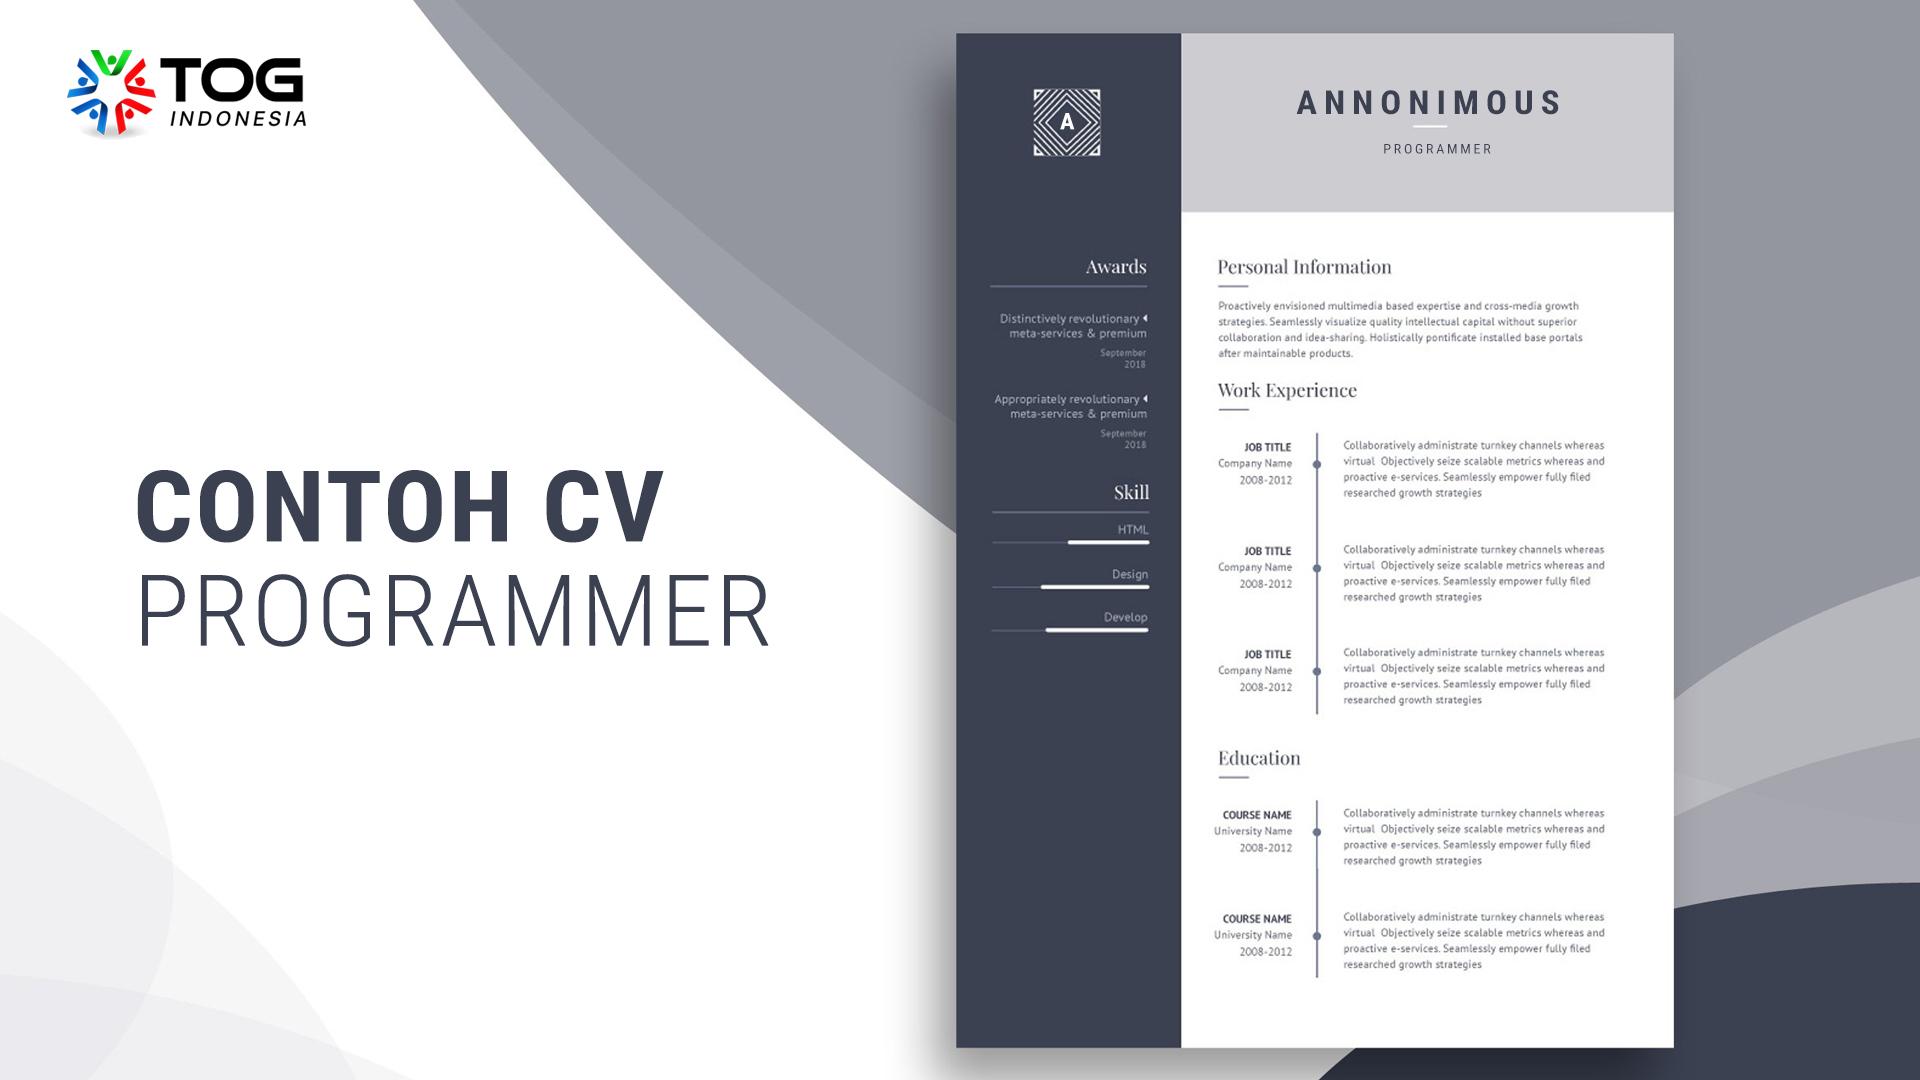 CV Programmer